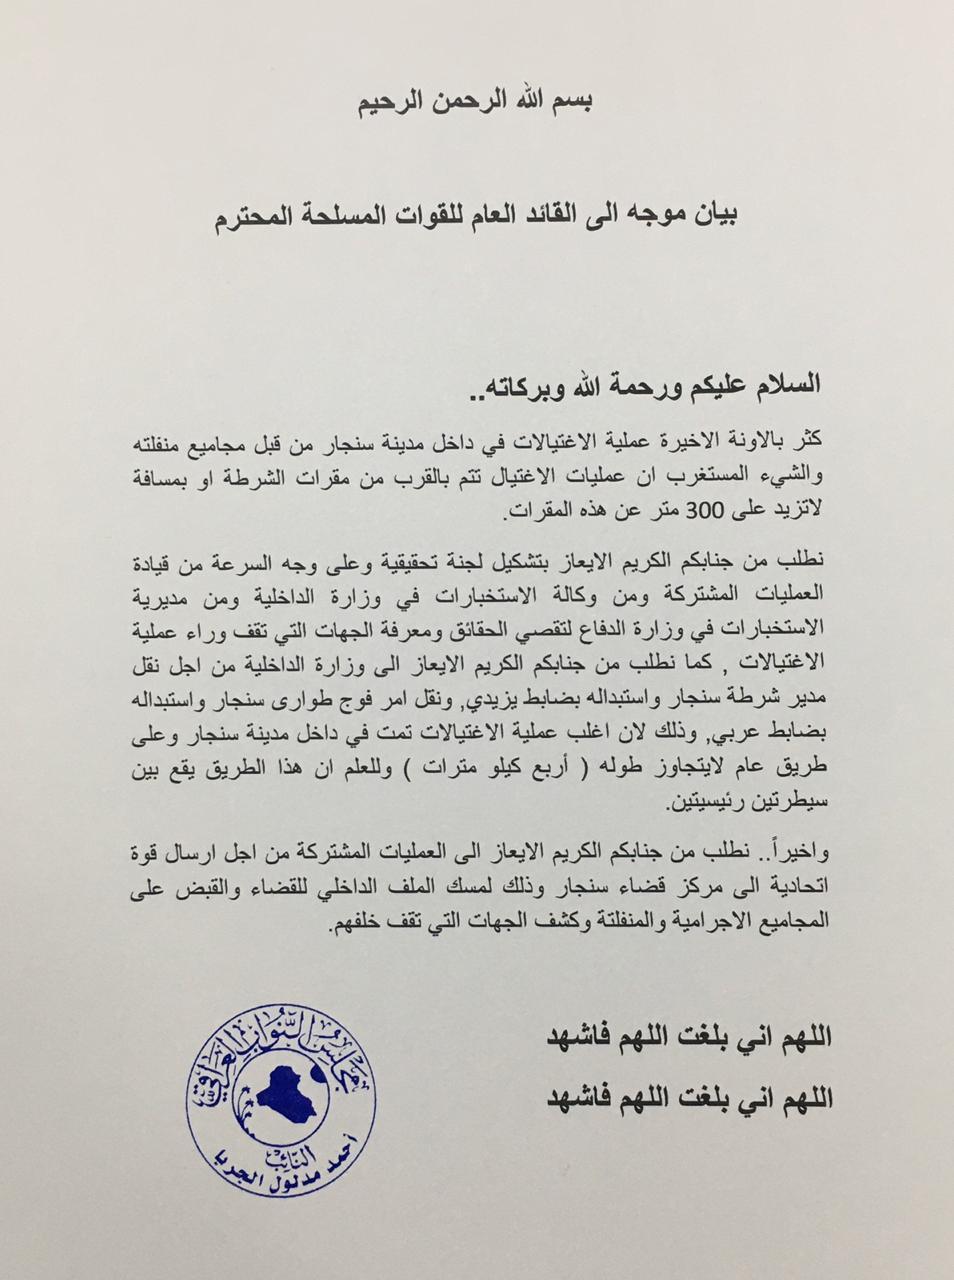 نائب عن نينوى يطالب الكاظمي ارسال قوة عسكرية الى سنجار لوقف عمليات الاغتيال